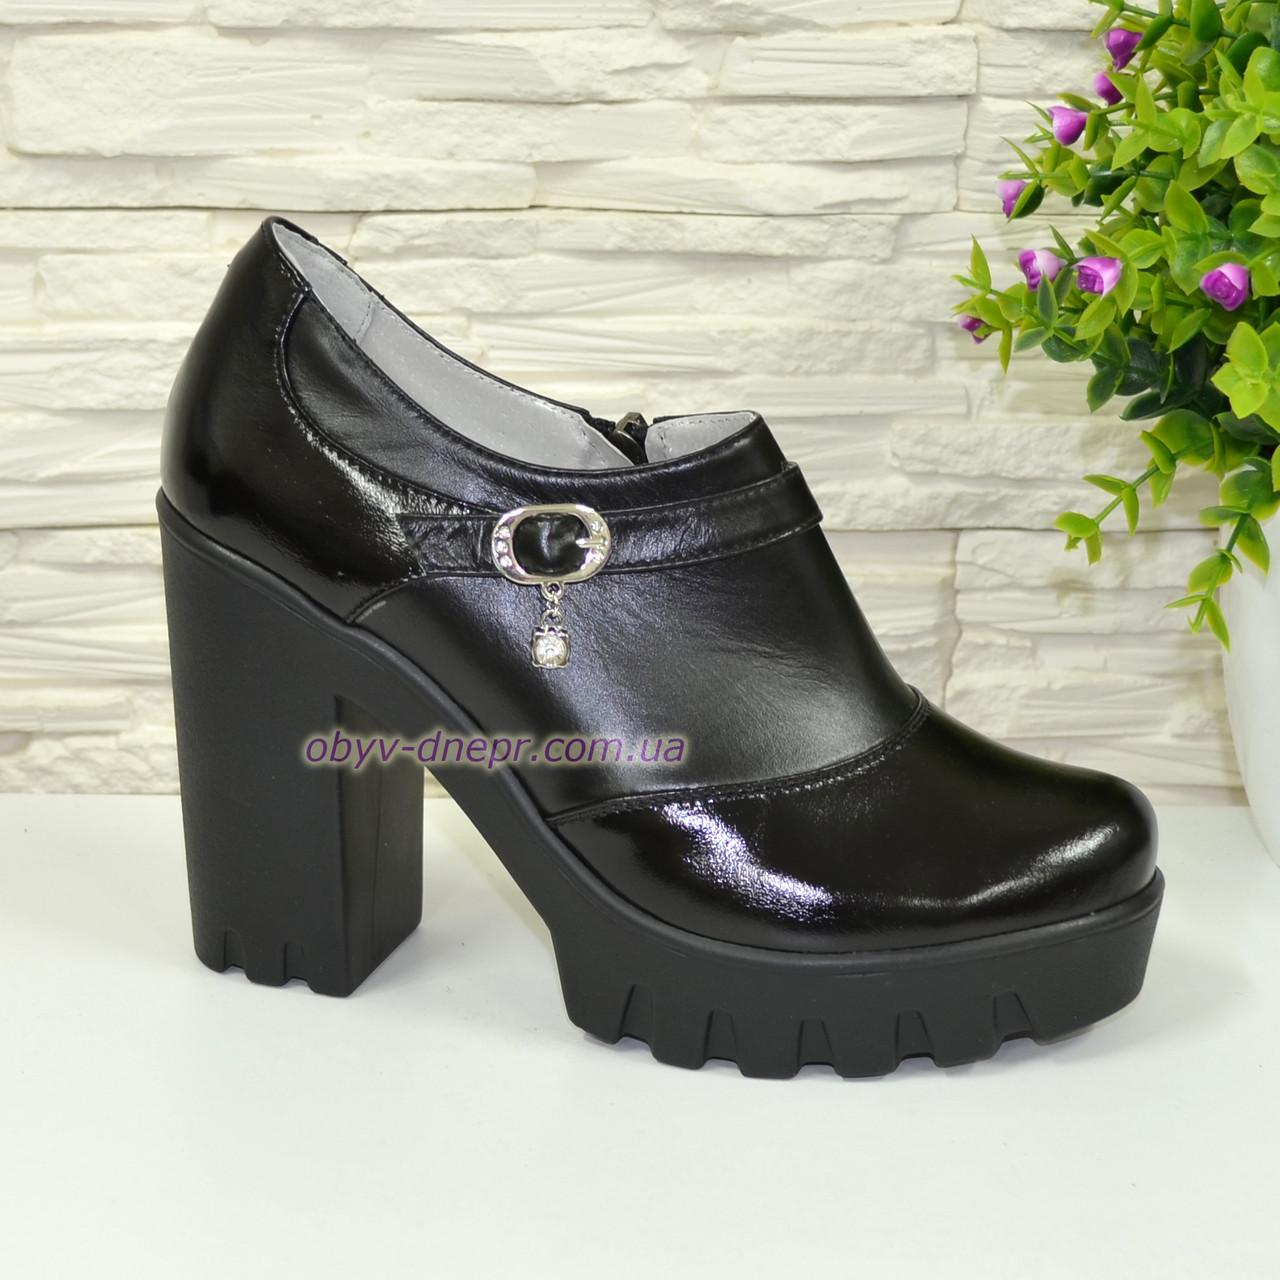 Туфли женские на тракторной подошве, натуральная кожа и лаковые кожа.